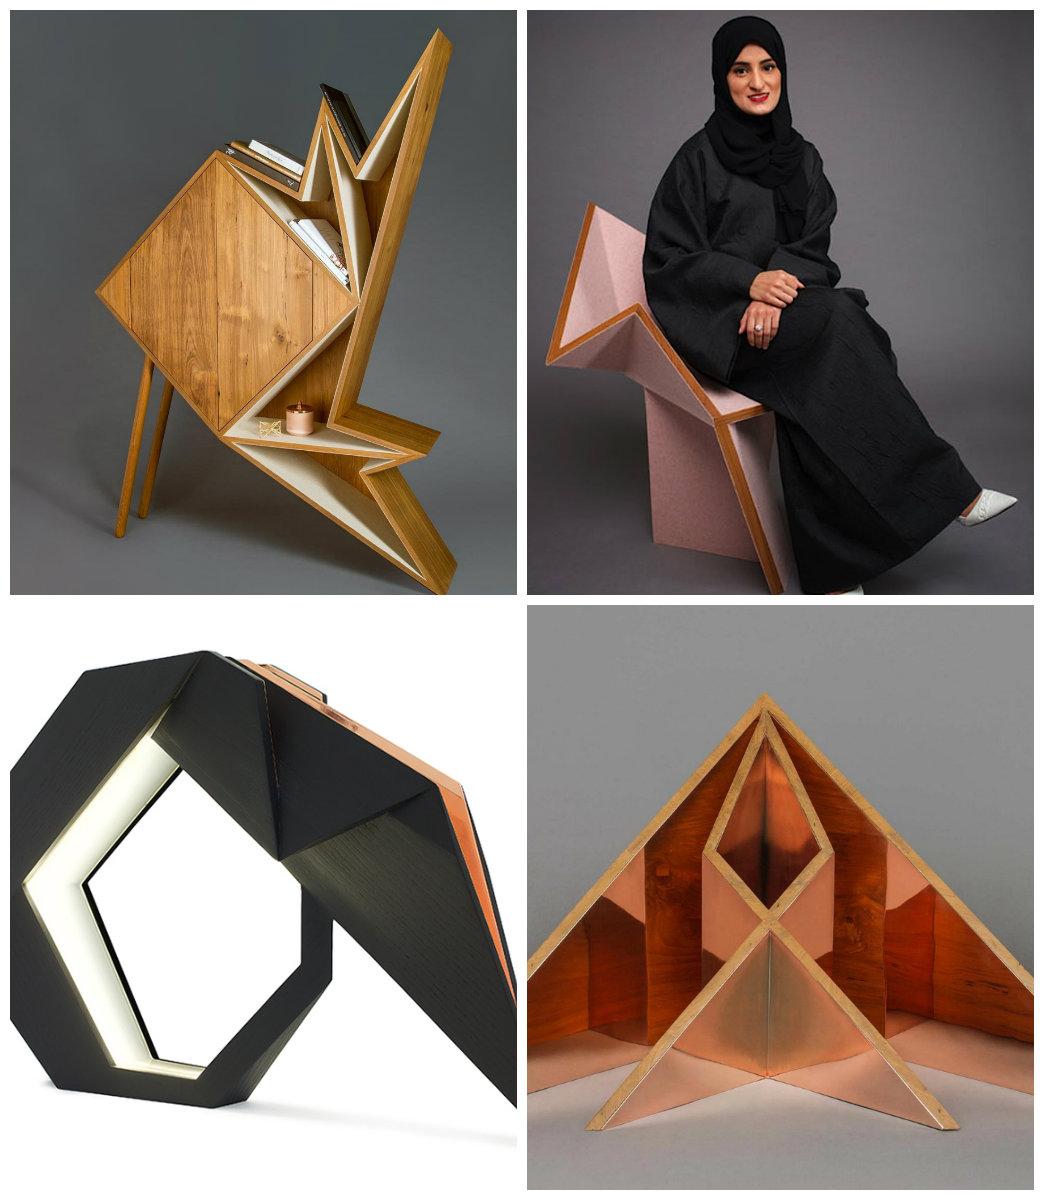 Геометрическая мебель: форма и функция, оригами-стиль